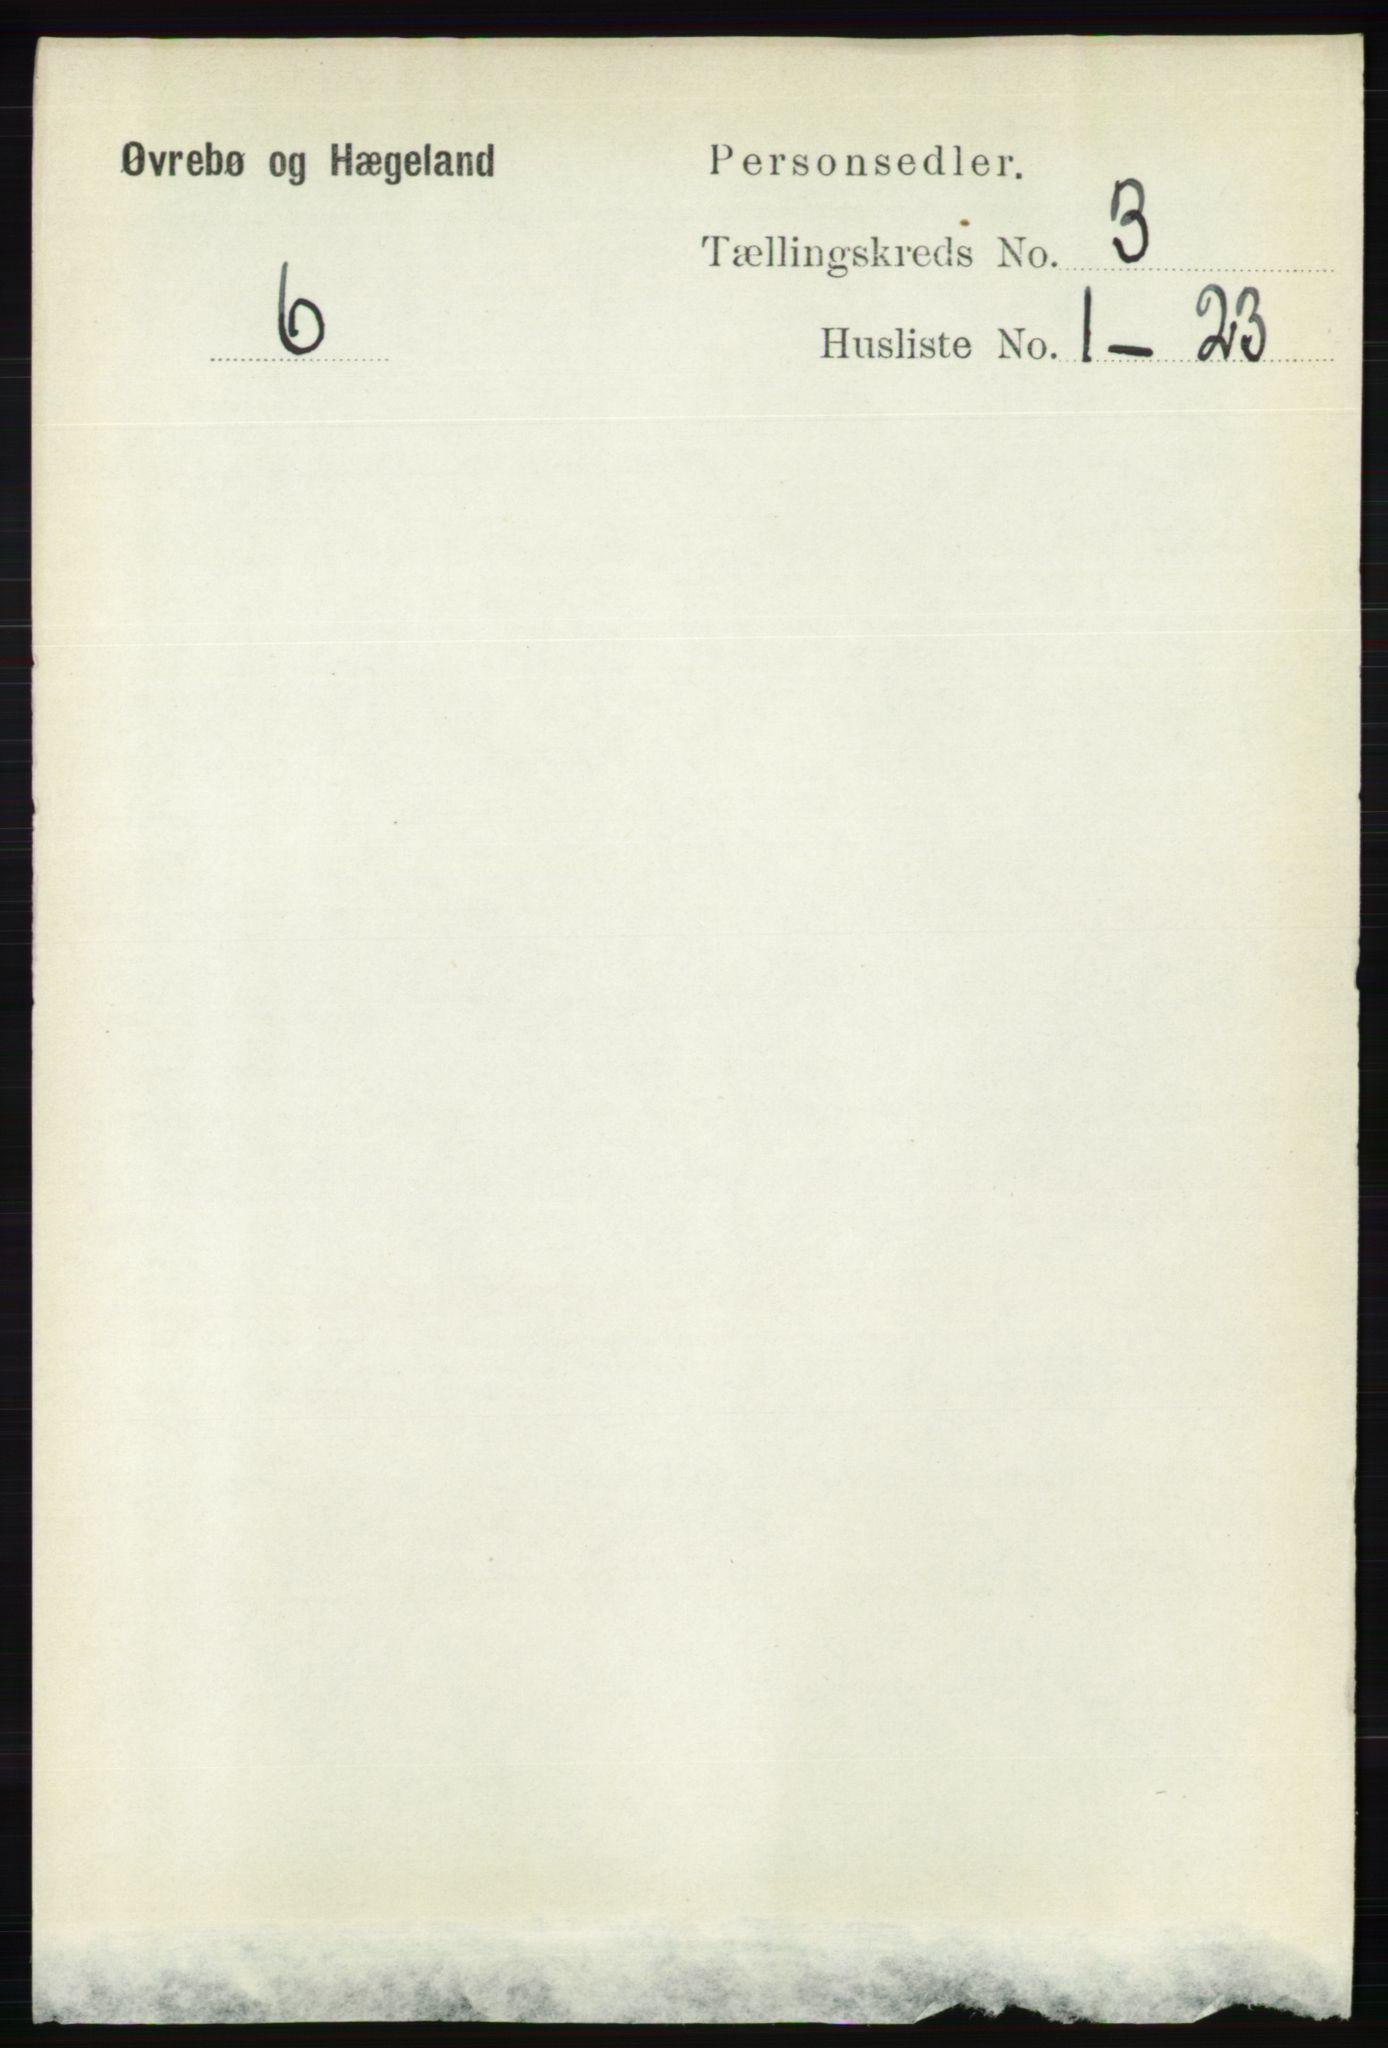 RA, Folketelling 1891 for 1016 Øvrebø og Hægeland herred, 1891, s. 523